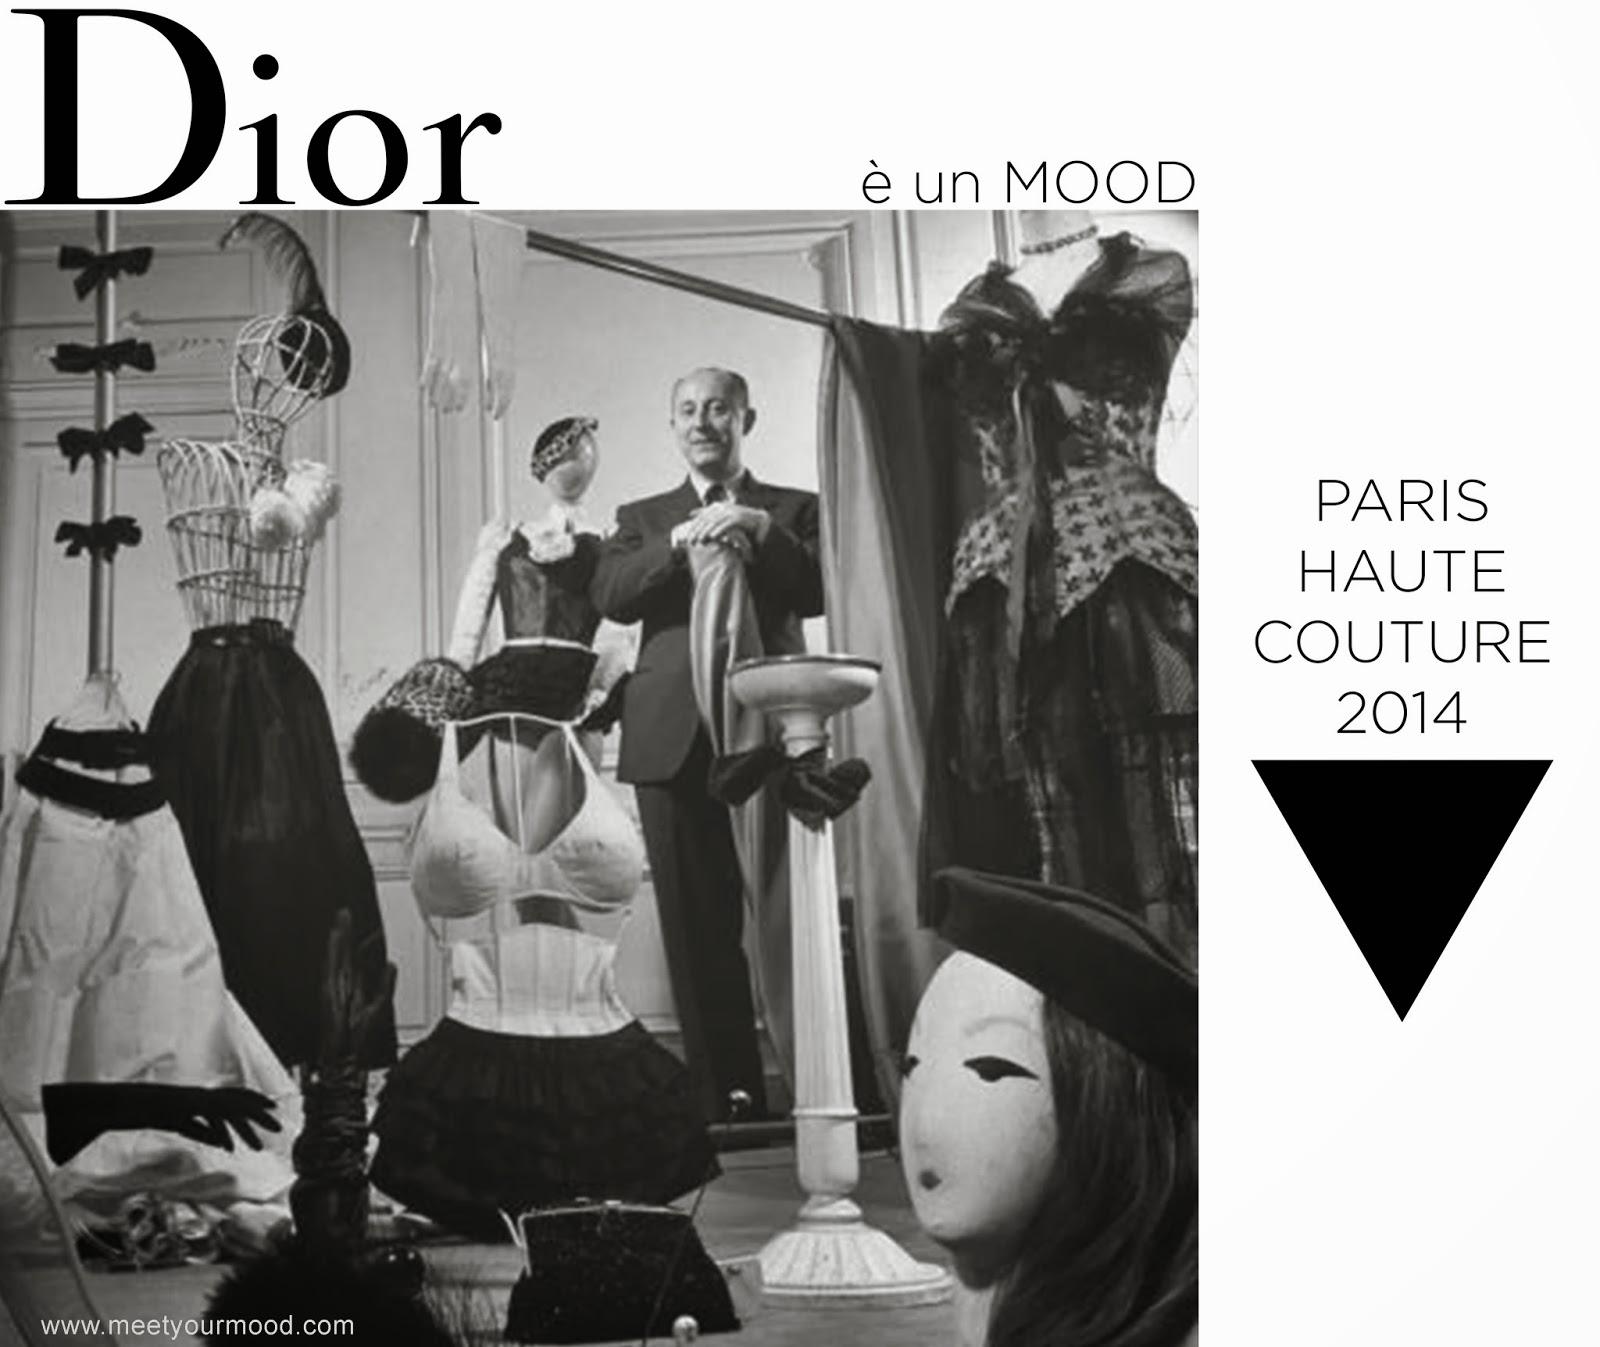 Dior mood haute couture meets interior design v capitolo for Riviste interior design